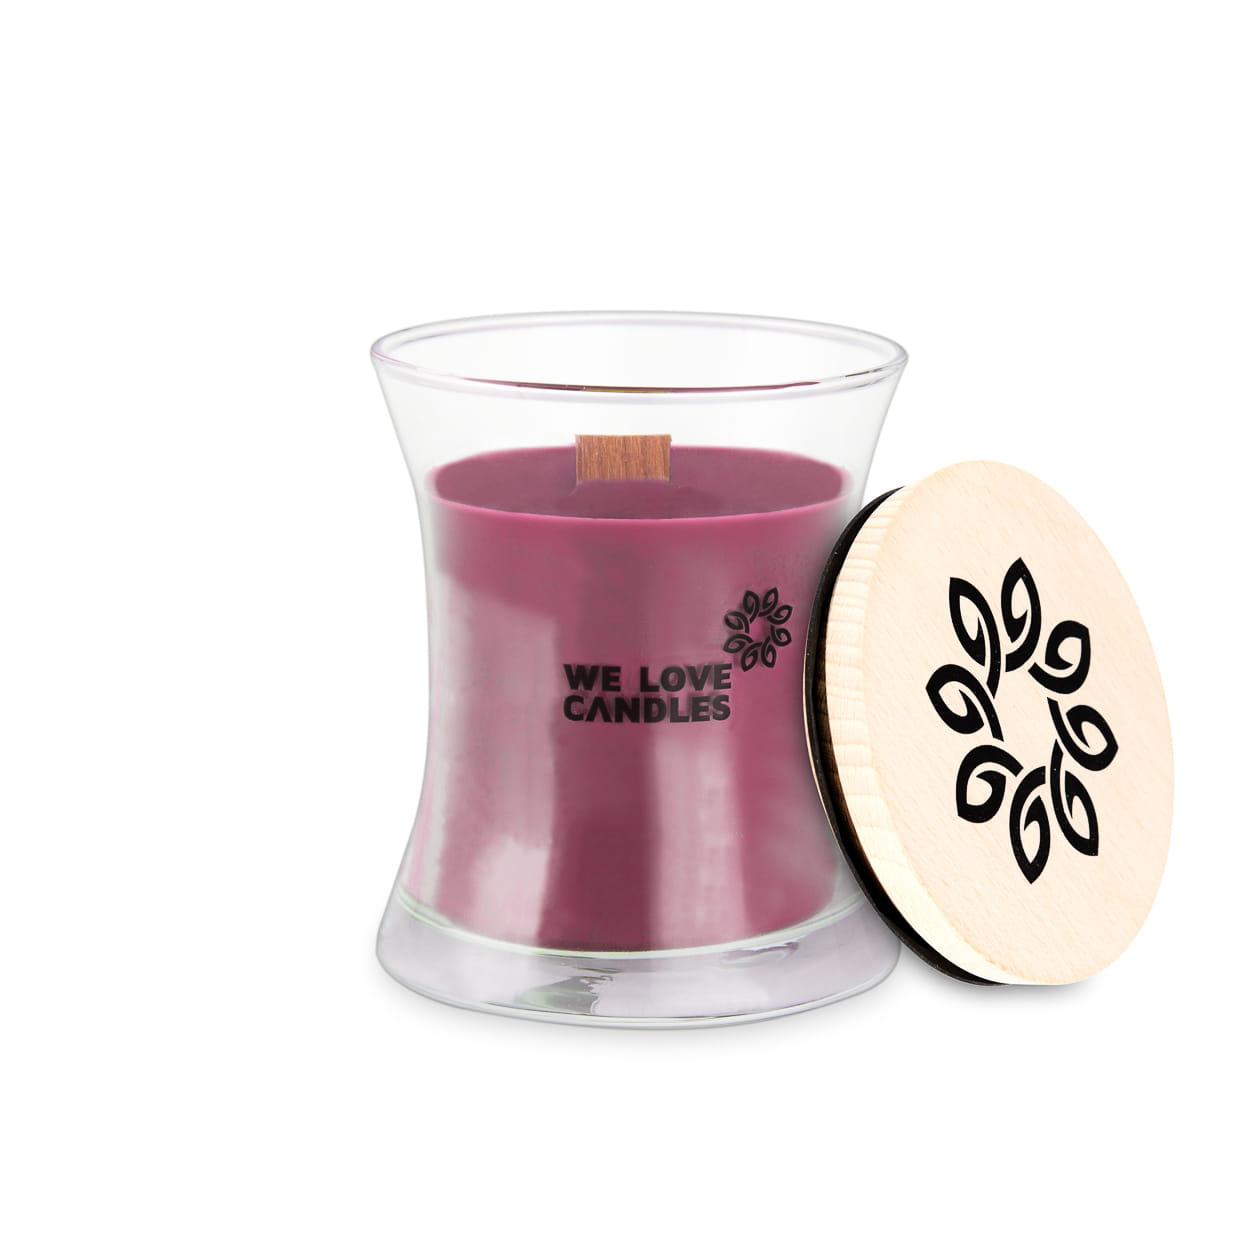 Kolekcja BASIC to sojowe świece zapachowe o soczystych kolorach i intensywnych, naturalnych zapachach inspirowanych codziennymi, prostymi przyjemnościami jakie niesie ze sobą życie. Świece z tej kolekcji zamknięte są w designerskie szklane pojemniki (zaprojektowane dla marki przez artystę-rzemieślnika) wytwarzane w polskiej hucie szkła. Pokrywkę stanowi drewniane wieczko, a całość dopełnia przyjemnie skwierczący w trakcie palenia drewniany knot. Dzięki prostej, ale ciekawej formie świece te stanowią niebanalny dodatek do domu, który szczególnie przypada do gustu fankom i fanom minimalizmu i życia w rytmie slow. Humidor Świecę Humidor chętnie wybierają mężczyźni. Może dlatego, że w tej woni czuć szlachetny zapach kubańskich cygar przechowywanych w specjalnym cedrowym pudełku w skórzanej oprawie Jest on szczególnie przyjemny dla koneserów cygar, którzy odnajdą w nim wspomnienia bardzo miłych chwil. To intensywny, ale jednocześnie subtelny zapach dla prawdziwych gentelmenów. Świece z kole